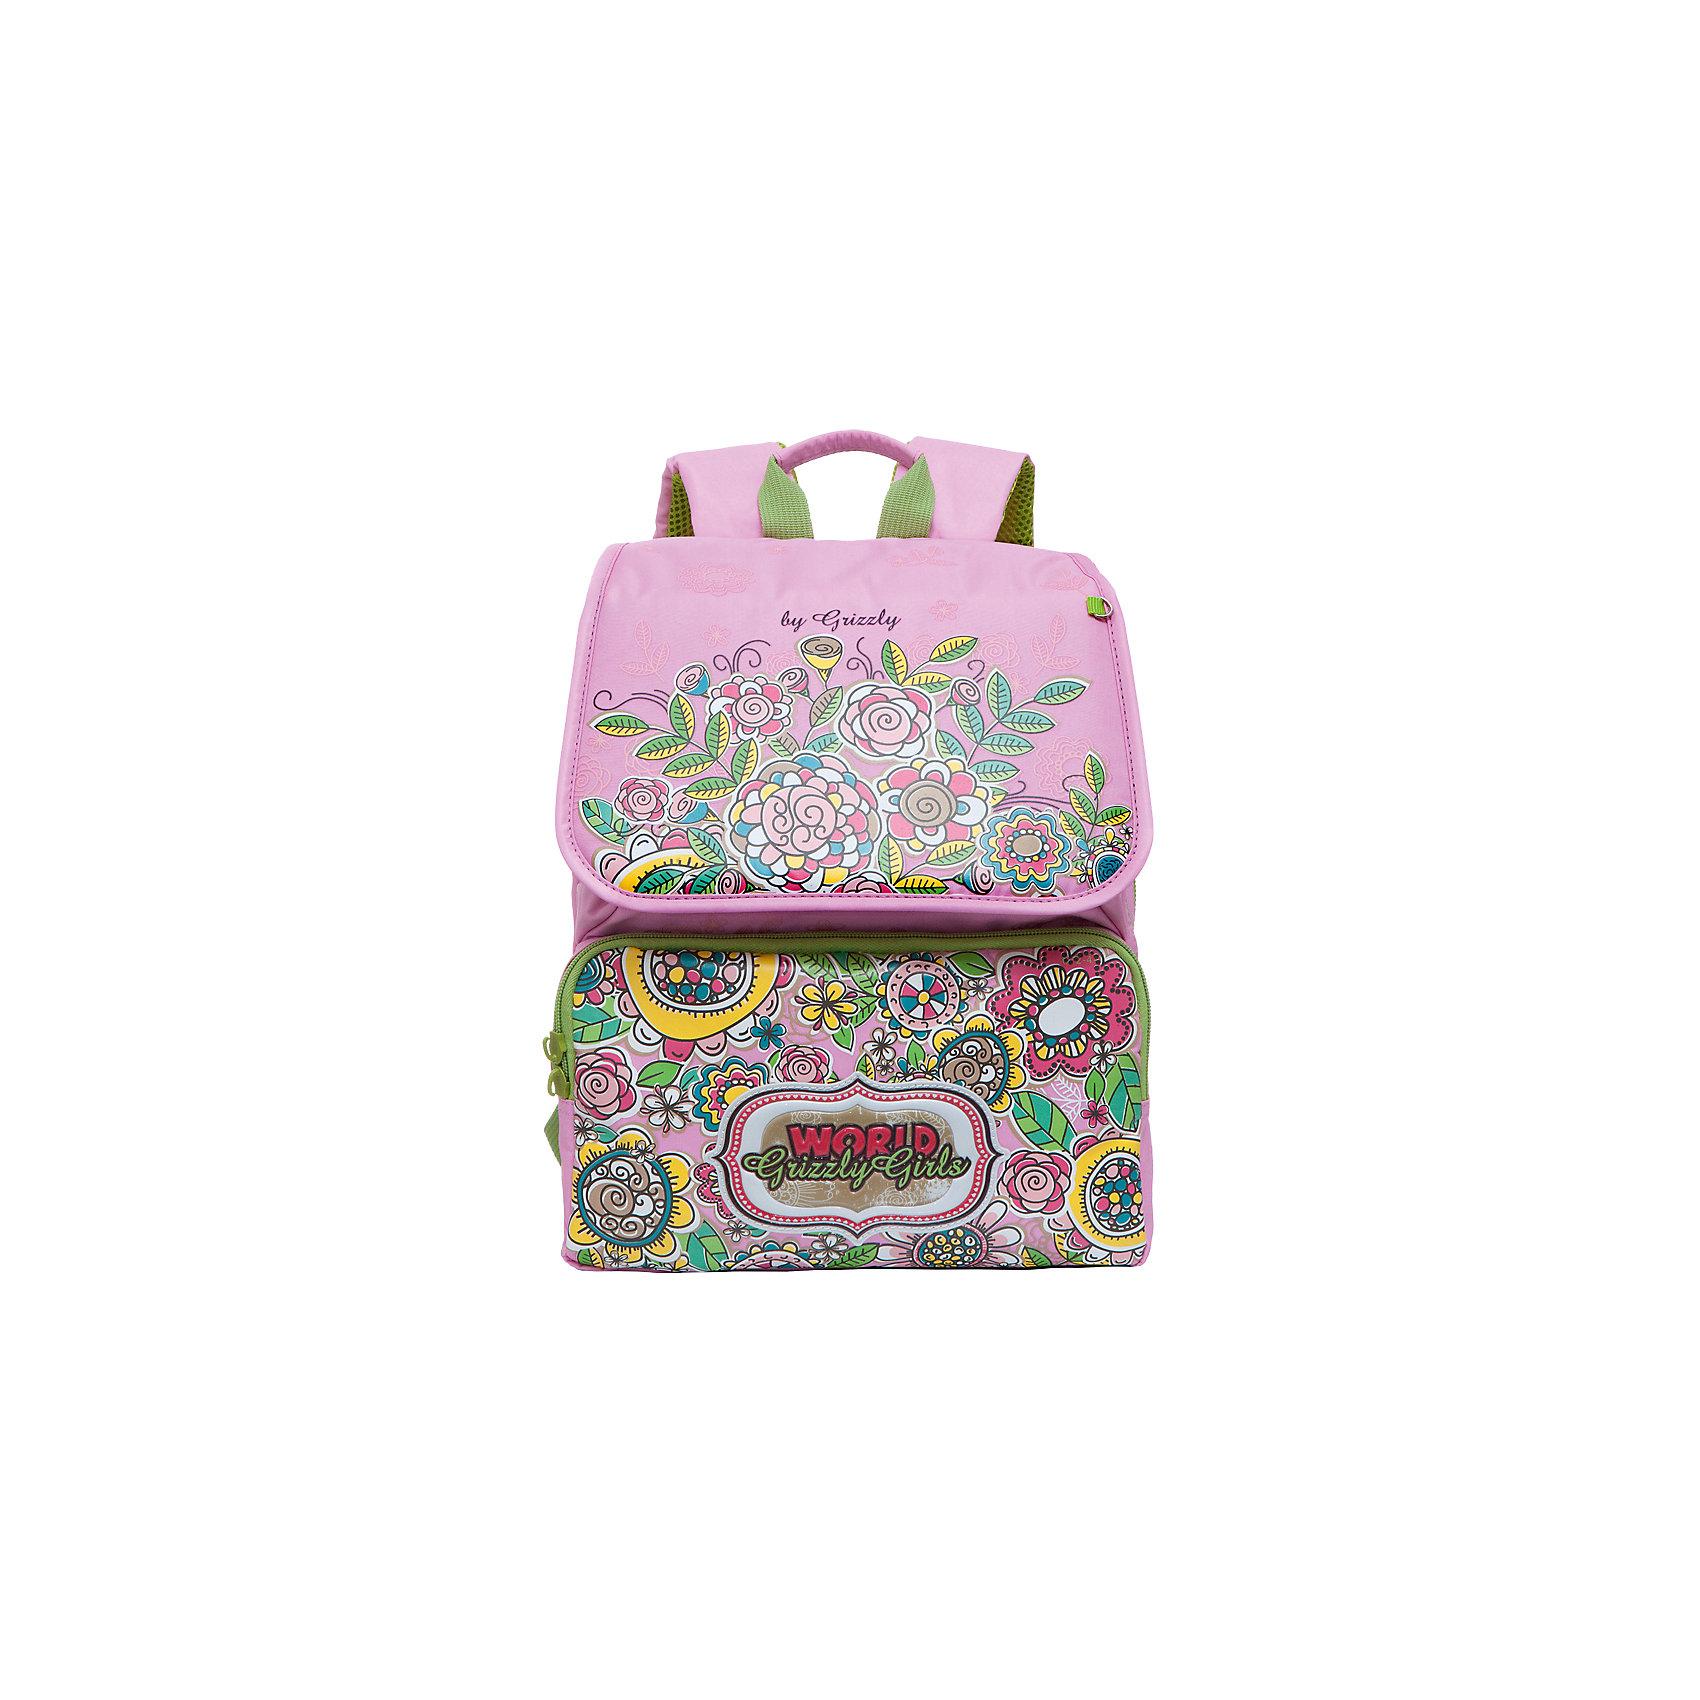 Grizzly Рюкзак школьный, розовыйРюкзаки<br>Школьный рюкзак, розовый, Grizzly (Гризли) ? рюкзак отечественного бренда Гризли школьной серии.  Рюкзак  выполнен из нейлона высокого качества, что обеспечивает, с одной стороны, легкий вес, а с другой ? надежность и прочность. Все швы выполнены капроновыми нитками, что делает швы особенно крепкими и устойчивыми к износу даже в течение нескольких лет. <br>Внутреннее устройство рюкзака состоит из двух вместительных отсеков, внутреннего составного пенала-органайзера и клапана на липучке. На передней стенке имеются два объемных кармана, застегивающихся на молнию. Удобство и эргономичность рюкзака создается за счет жесткой анатомической спинки, укрепленных лямок и мягкой укрепленной ручки. Также имеется дополнительная ручка-петля. С четырех сторон рюкзака имеются светоотражающие элементы и брелок-катафот (световозвращатель). В комплекте с рюкзаком идет игрушка-брелок. Уникальность рюкзаков Grizzly заключается в том, что анатомическая спинка изготовлена из специальной ткани, которая пропускает воздух, тем самым защищает спину от повышенного потоотделения.<br>Все рюкзаки школьной серии Grizzly (Гризли) имеют оригинальный современный дизайн. Школьный рюкзак, розовый, Grizzly (Гризли) выполнен в нежно-розовом цвете. Передние карманы украшены аппликациями из фантазийных цветов окраски и величины.<br>Школьный рюкзак, розовый, Grizzly (Гризли) ? это качество материалов, удобство, стиль и долговечность использования. <br><br>Дополнительная информация:<br><br>- Вес: 900 г<br>- Габариты (Д*Г*В): 29*18*35 см<br>- Цвет: розовый, зеленый, голубой, белый, желтый<br>- Материал: нейлон <br>- Сезон: круглый год<br>- Коллекция: школьная <br>- Год коллекции: 2016 <br>- Пол: женский<br>- Предназначение: для школы<br>- Особенности ухода: можно чистить влажной щеткой или губкой, допускается ручная стирка<br><br>Подробнее:<br><br>• Для школьников в возрасте: от 6 лет и до 10 лет<br>• Страна производитель: Китай<br>• Торговый бренд: Grizzly<br><br>Шк